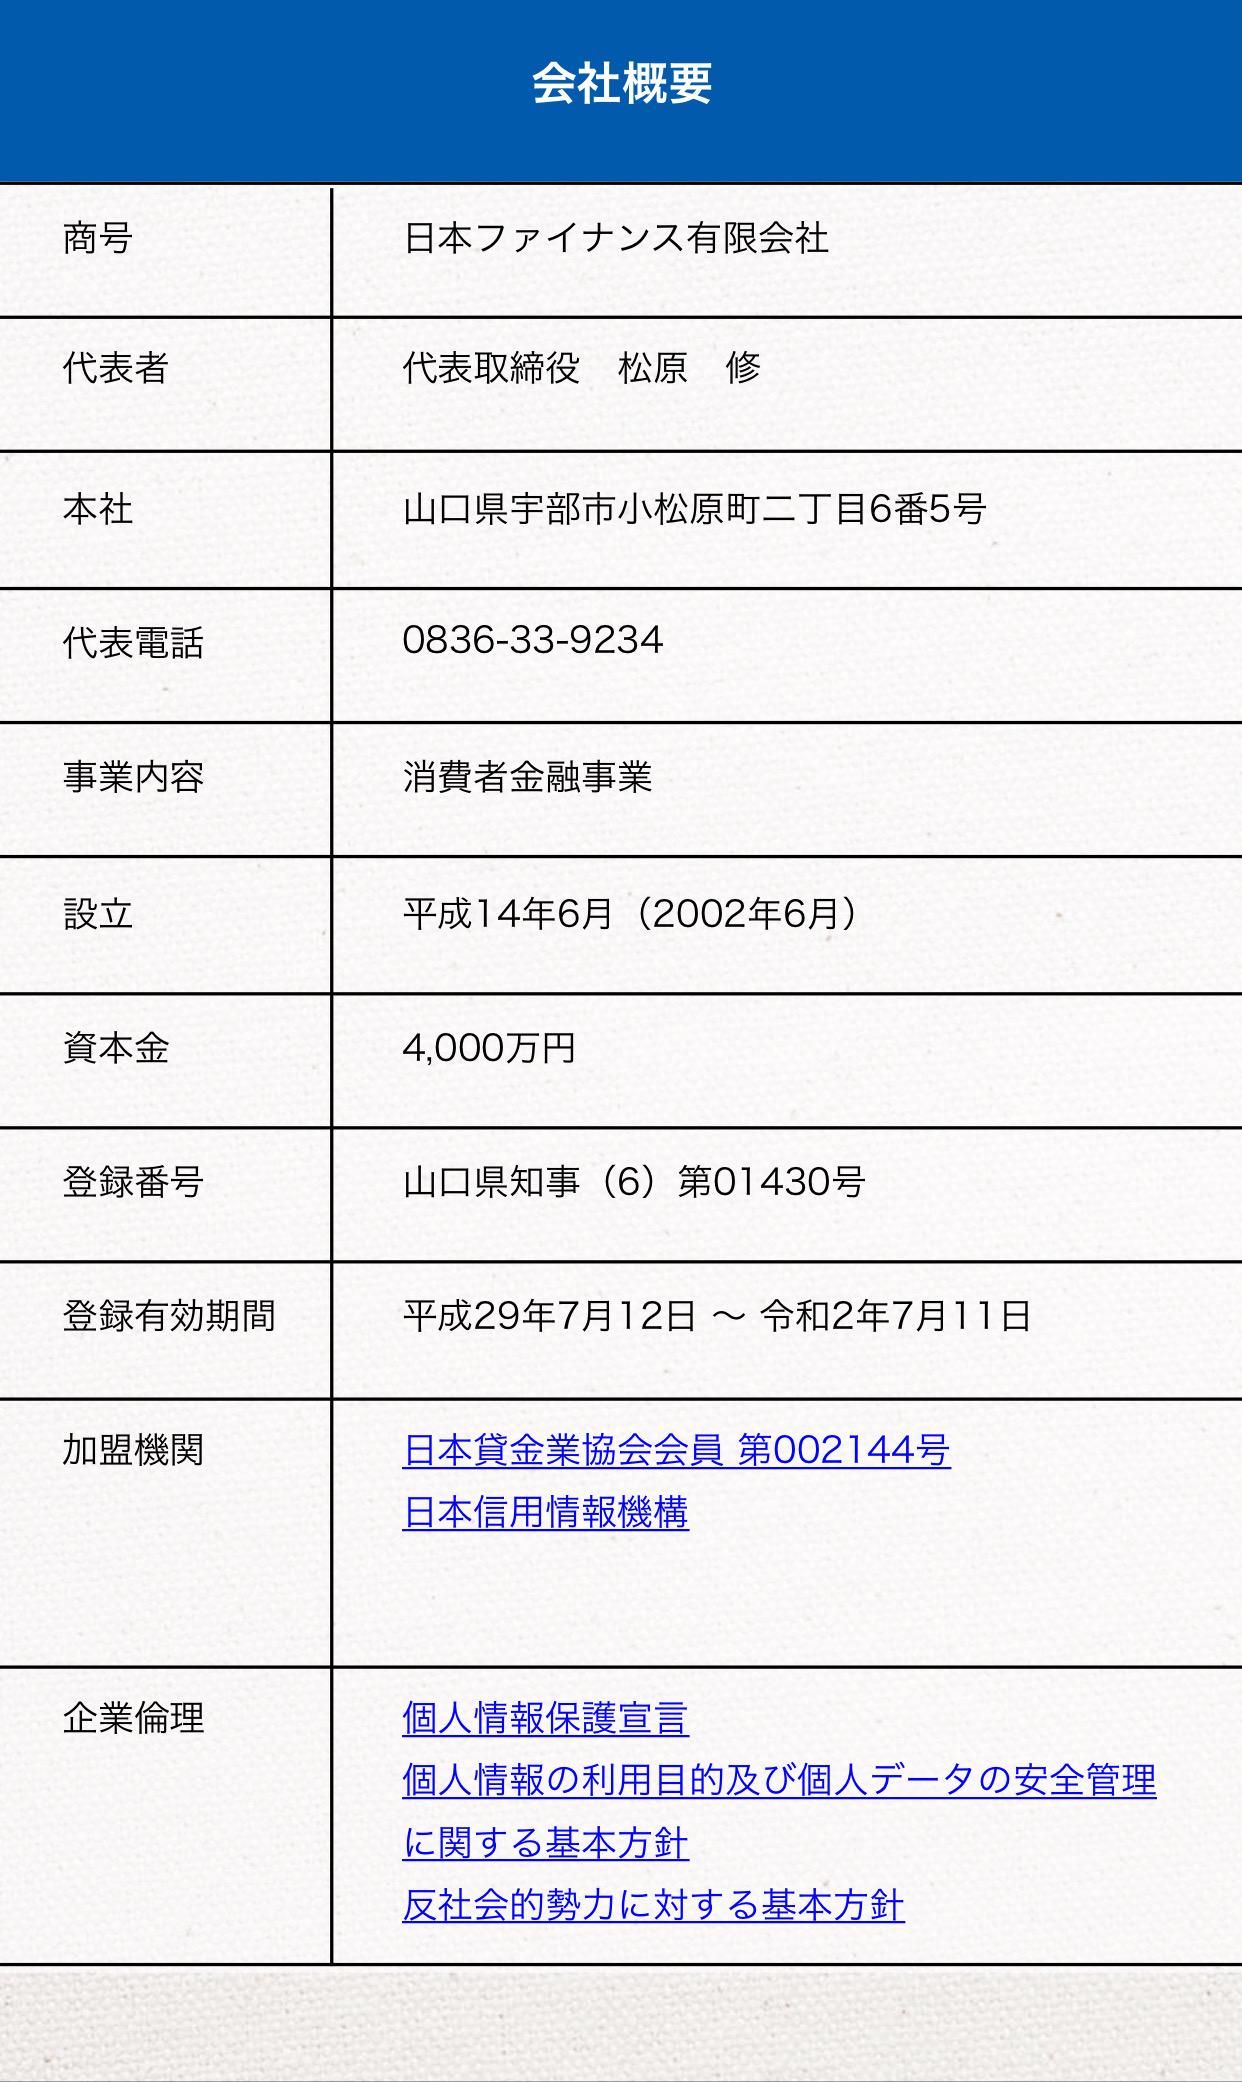 日本ファイナンスの会社概要ページ